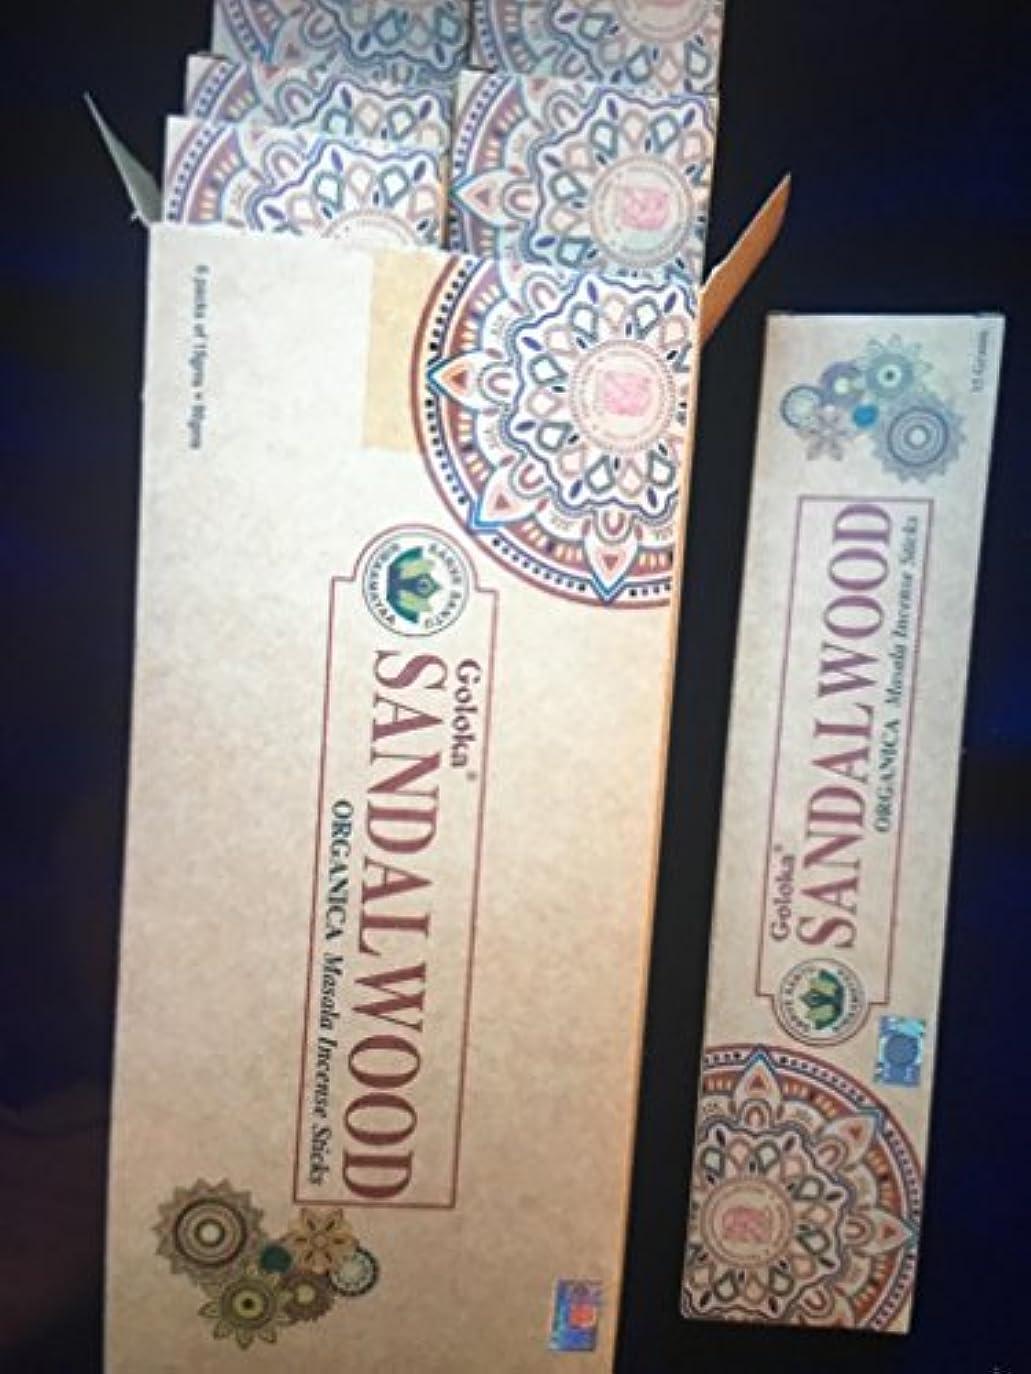 Goloka Organicaシリーズ – サンダルウッド – 6ボックスの15グラム合計90グラム